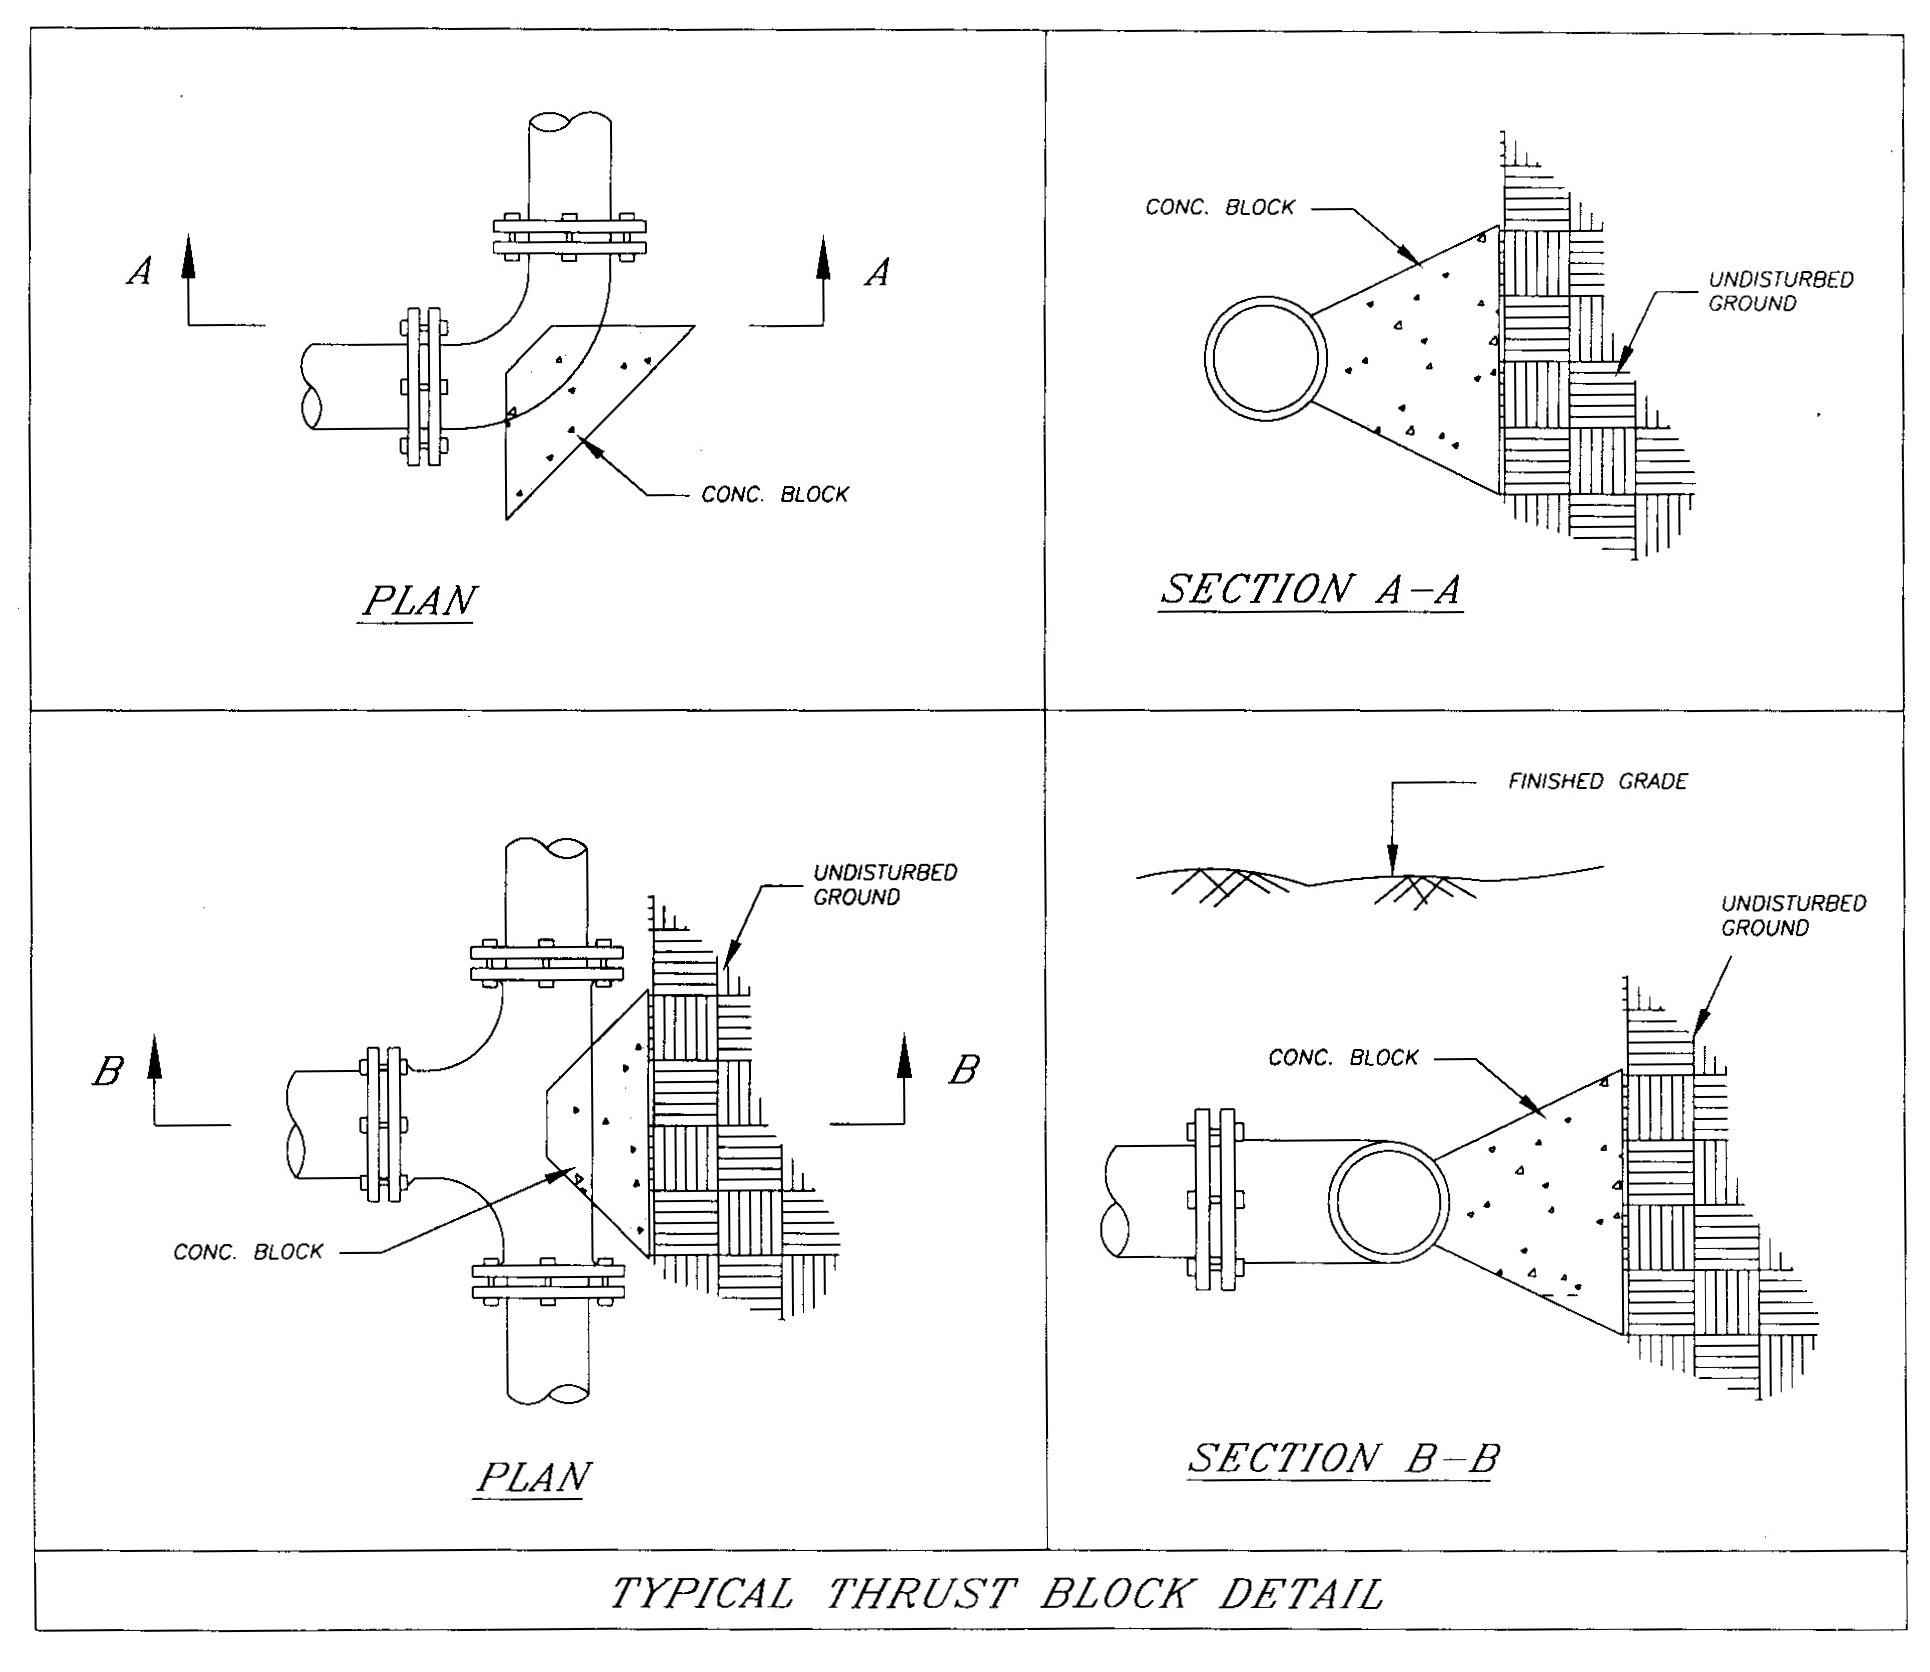 Standard details mckinney tx official website fire sprinkler underground thrust block detail jpg pooptronica